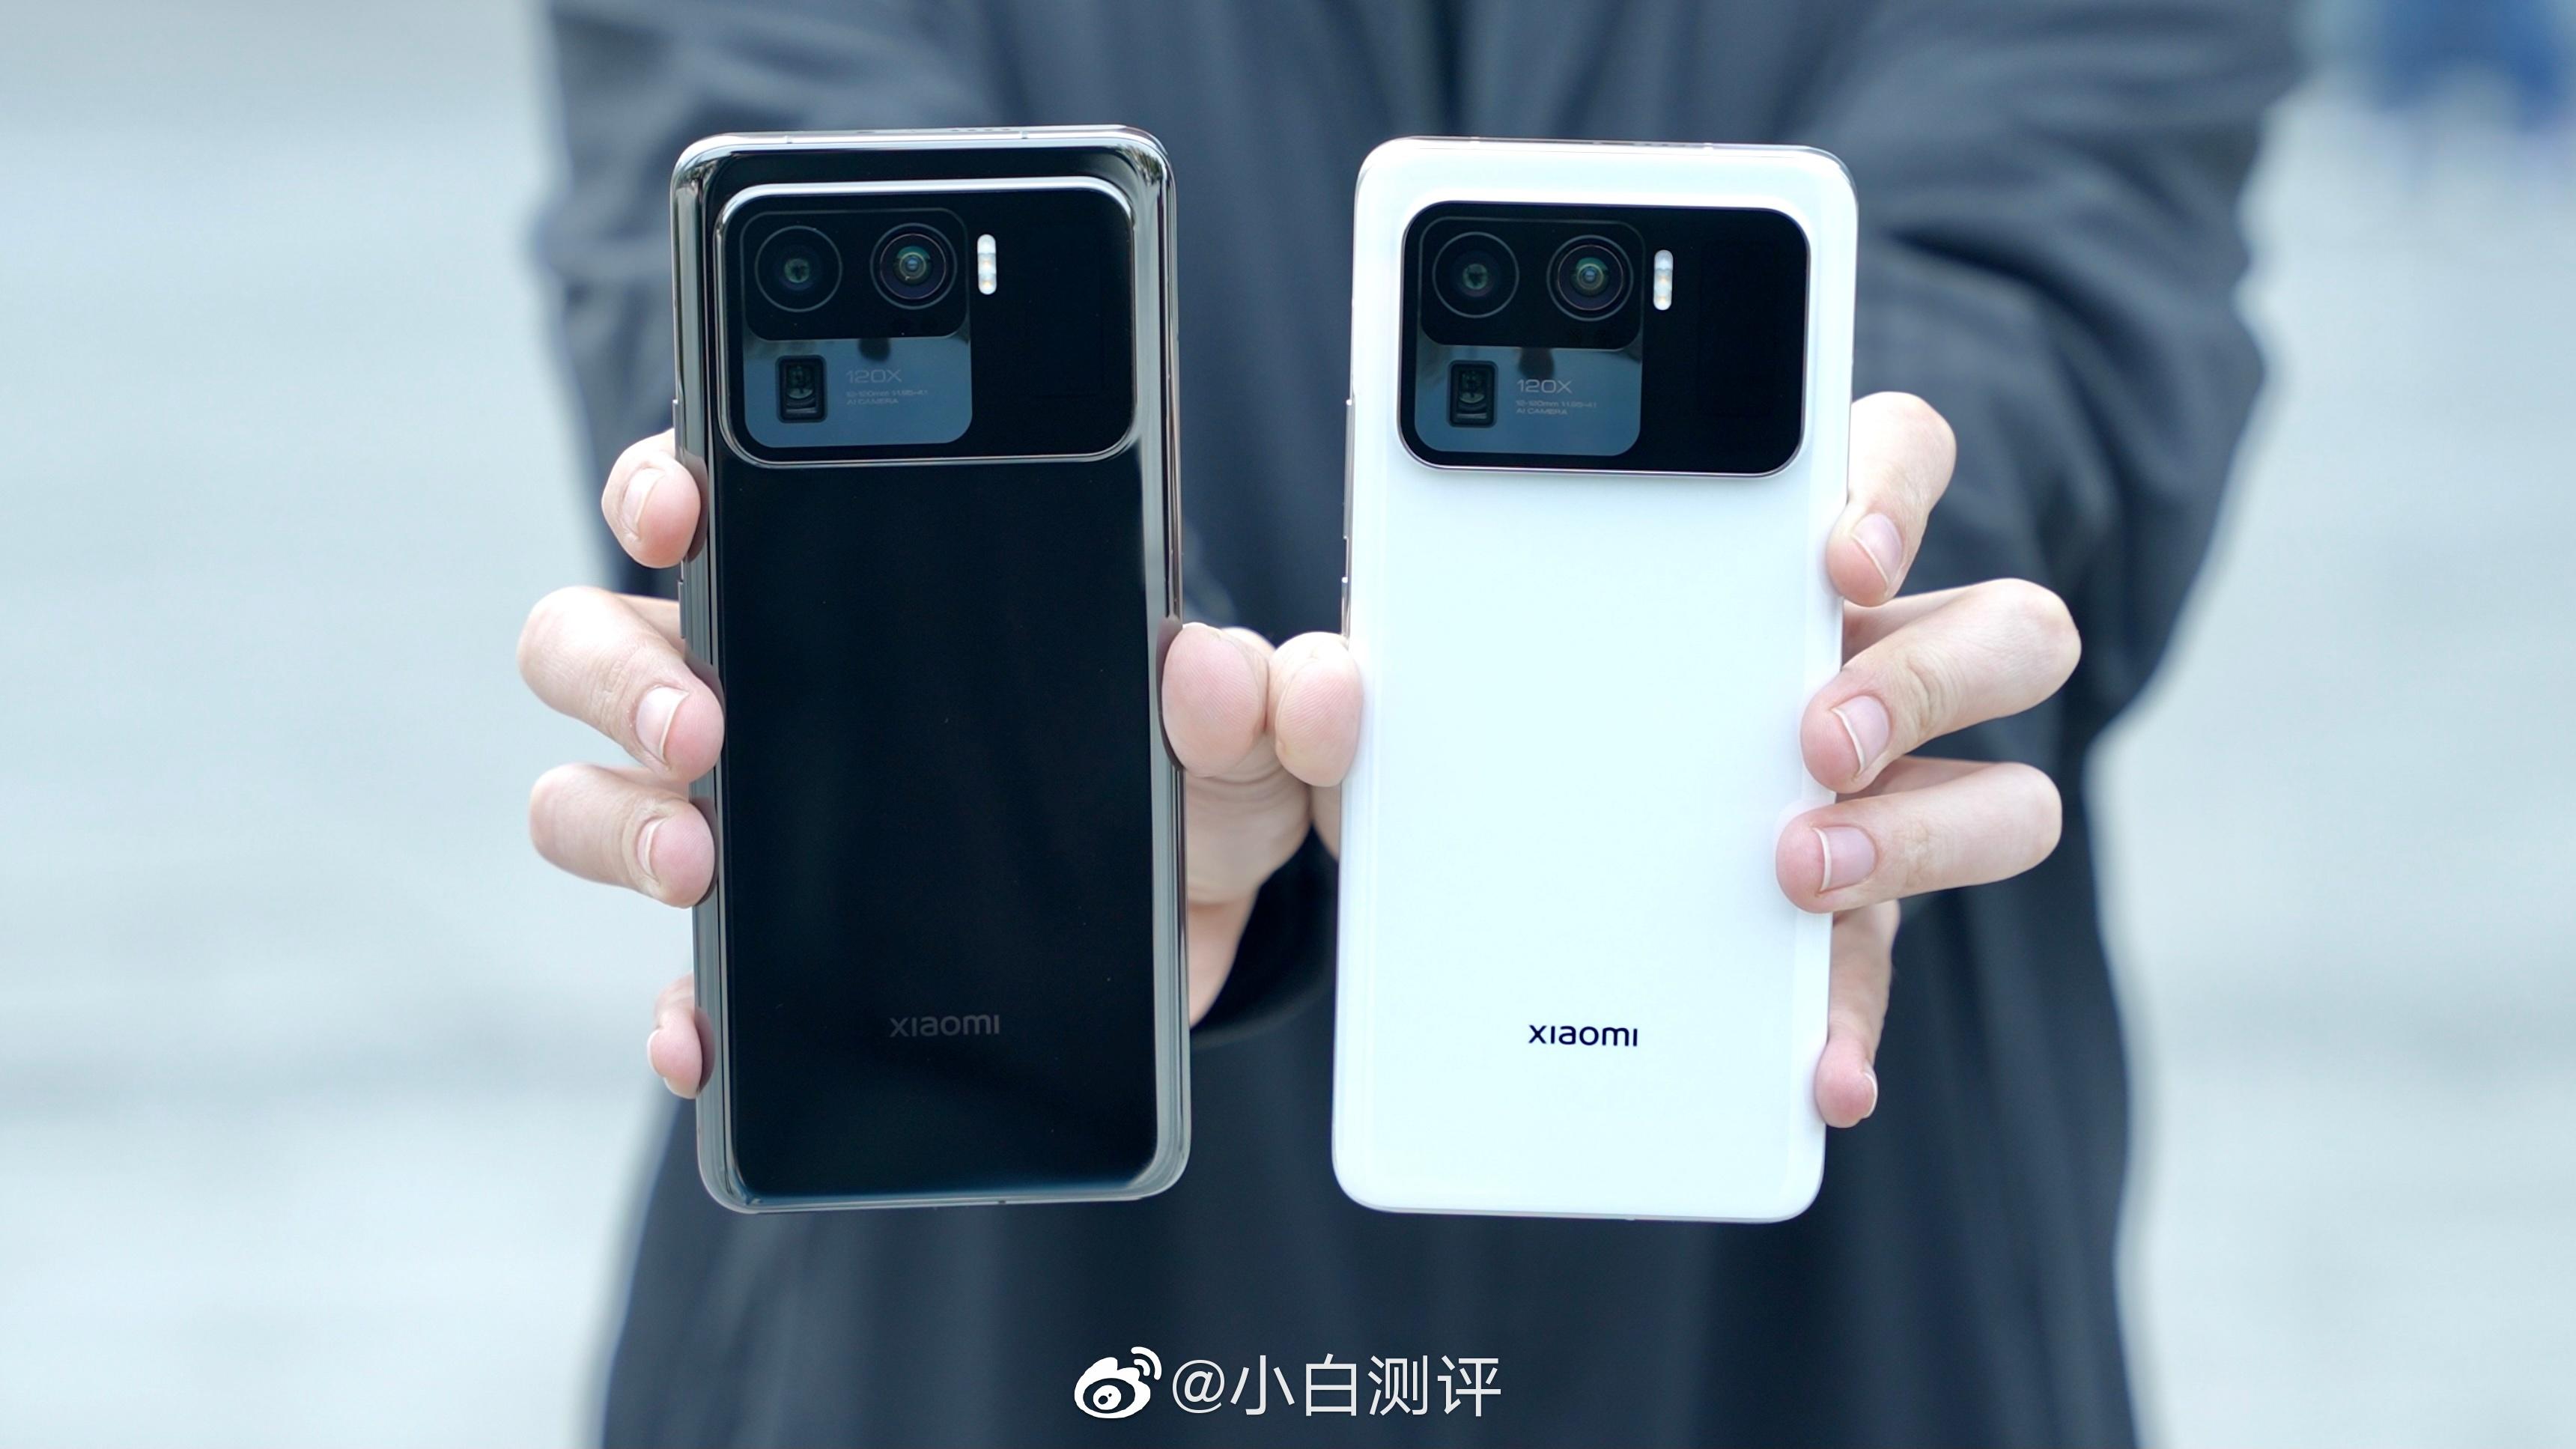 xiaomi-mi-11-ultra-8-256-gb-brand-new